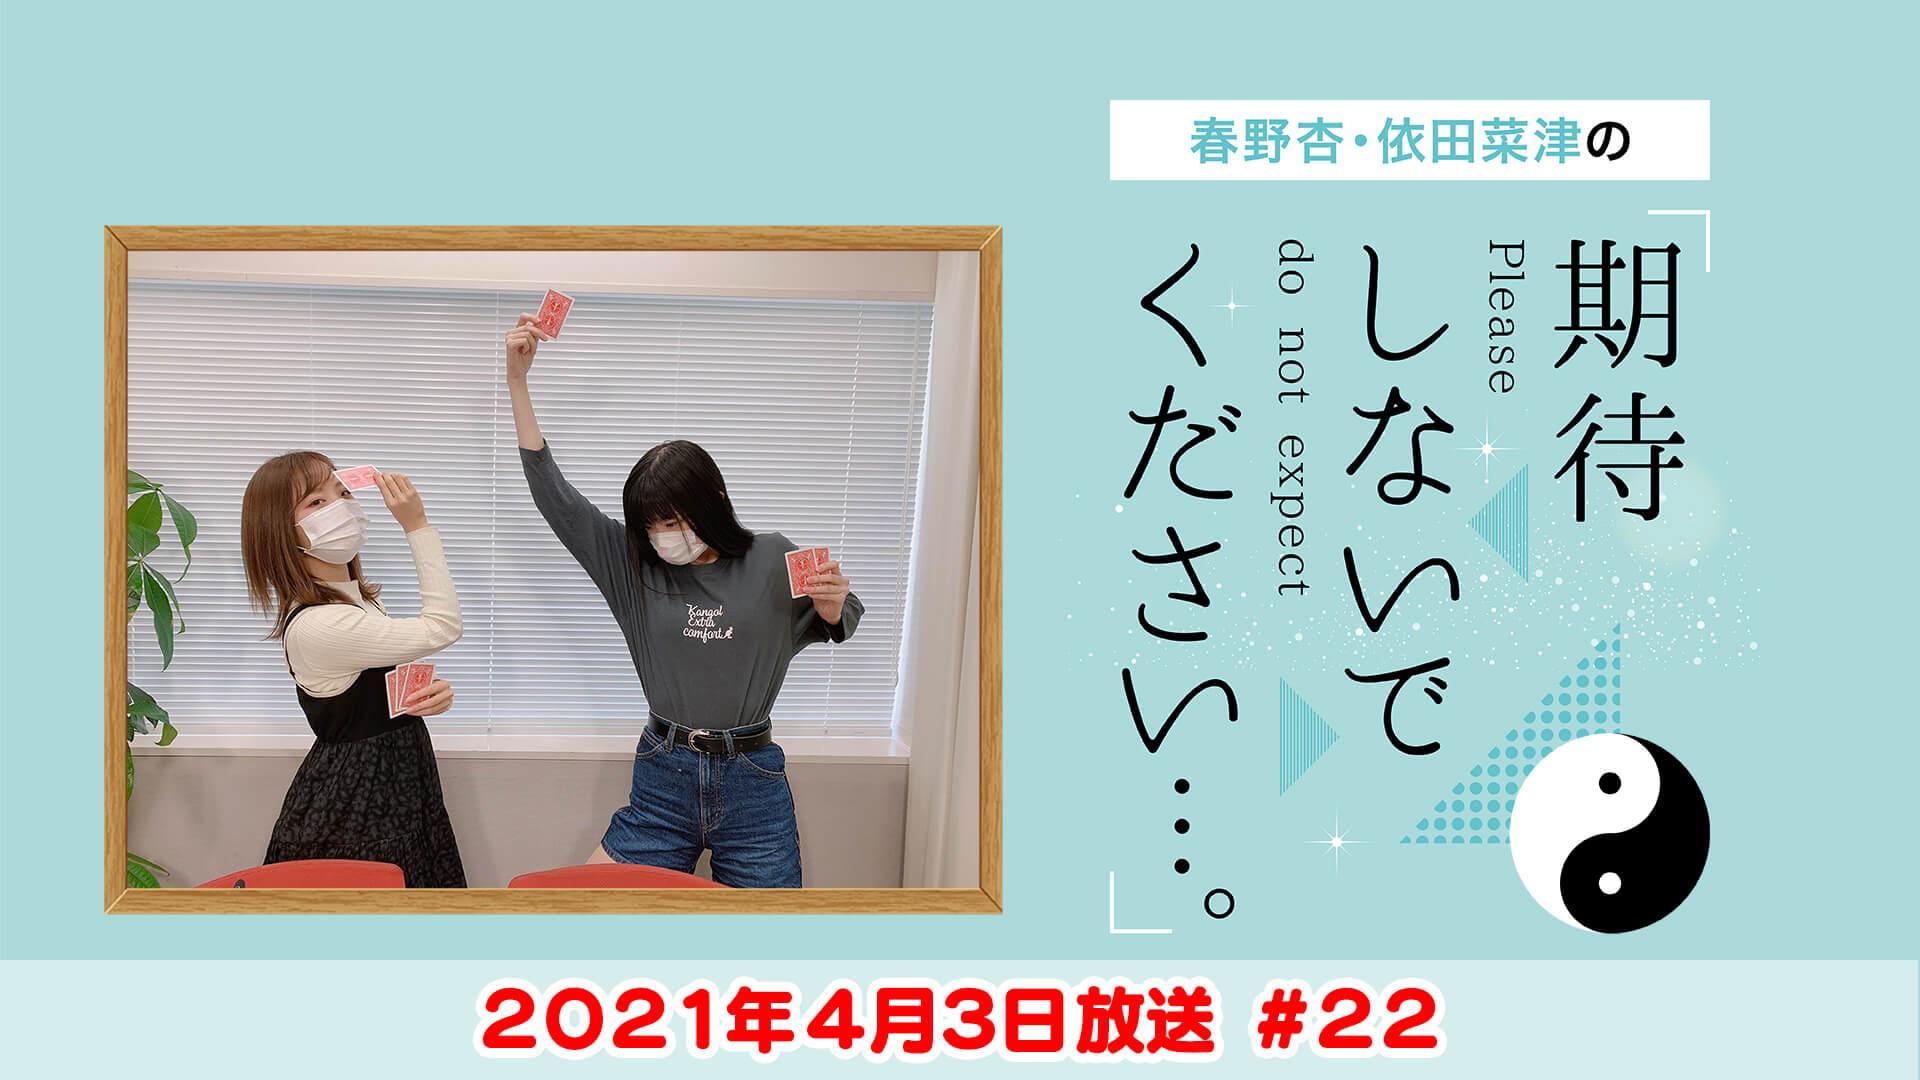 春野杏・依田菜津の「期待しないでください…。」 #22 2021年4月3日放送